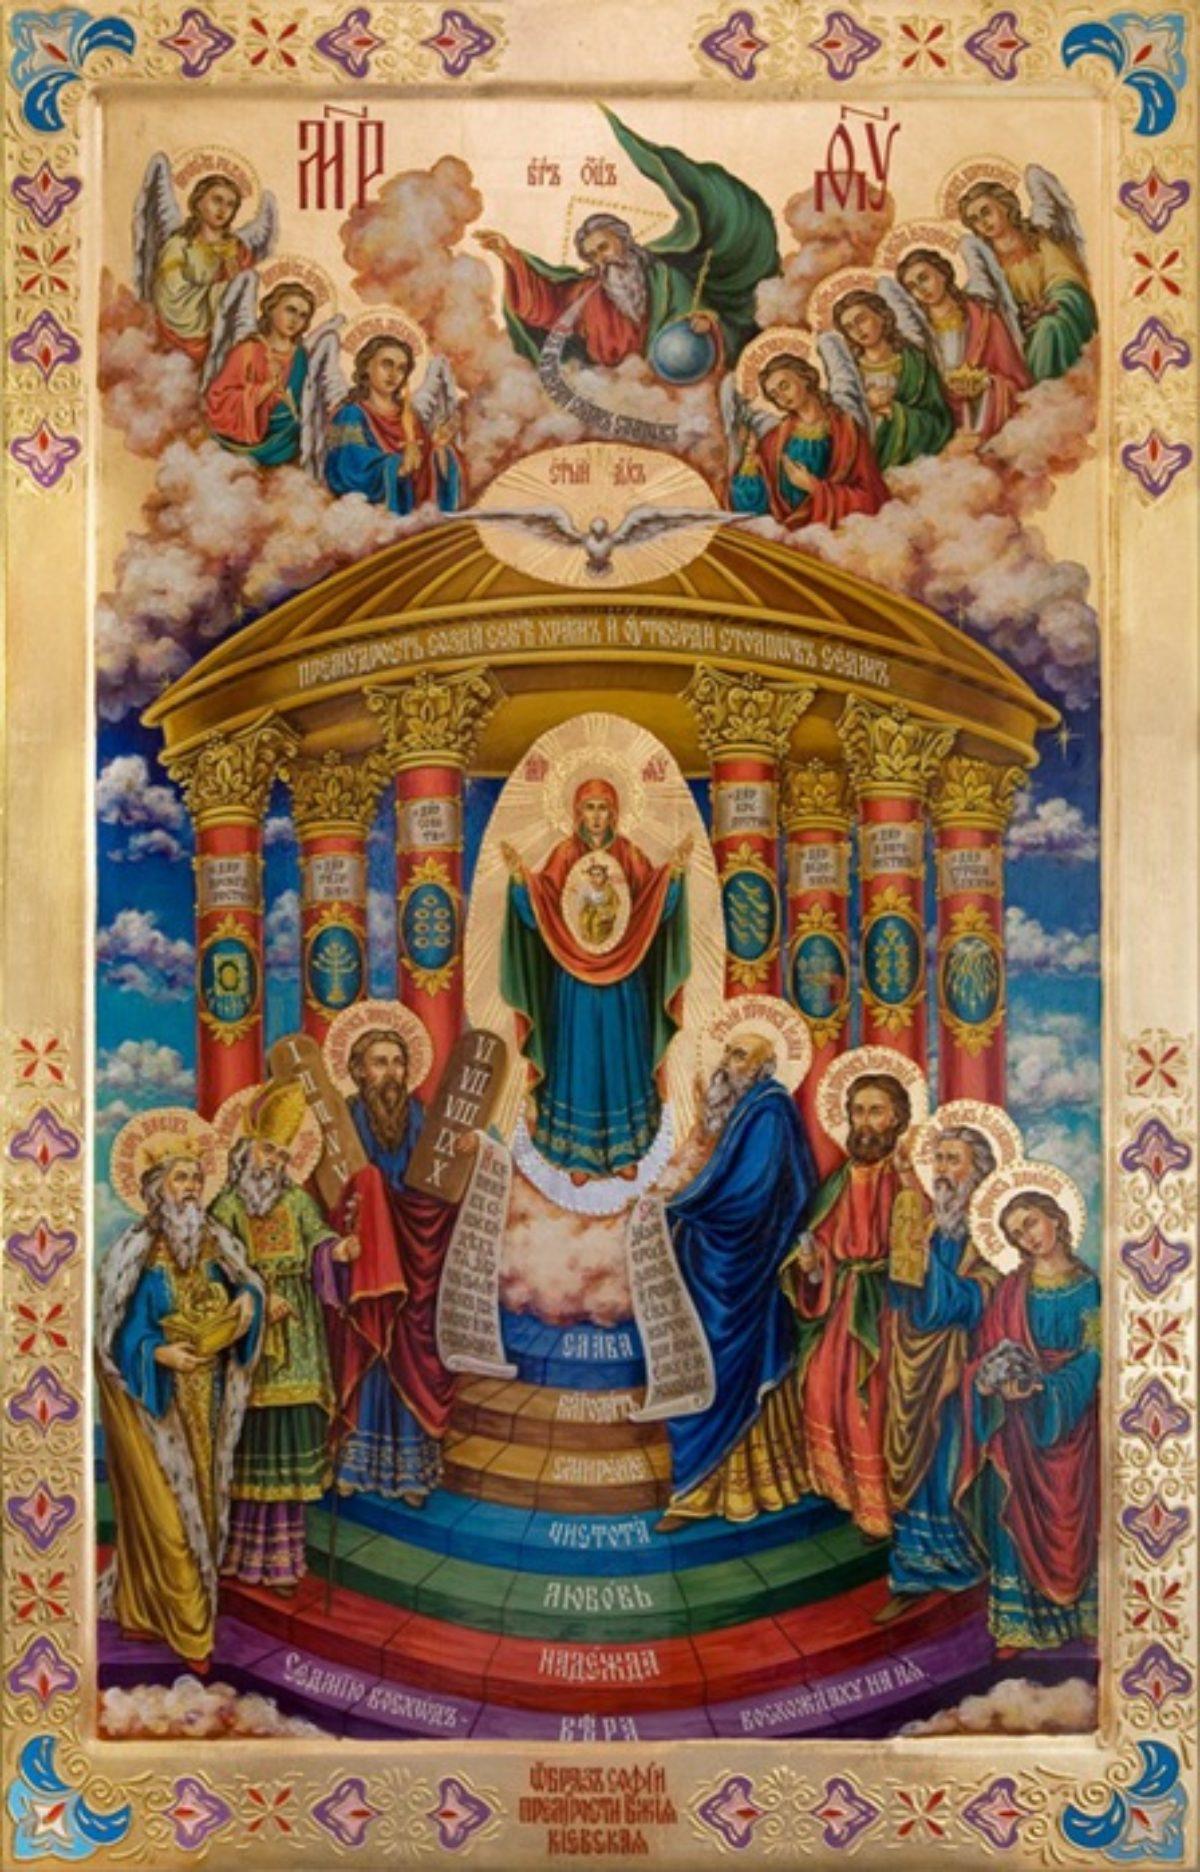 Икона Софии, Премудрости Божией